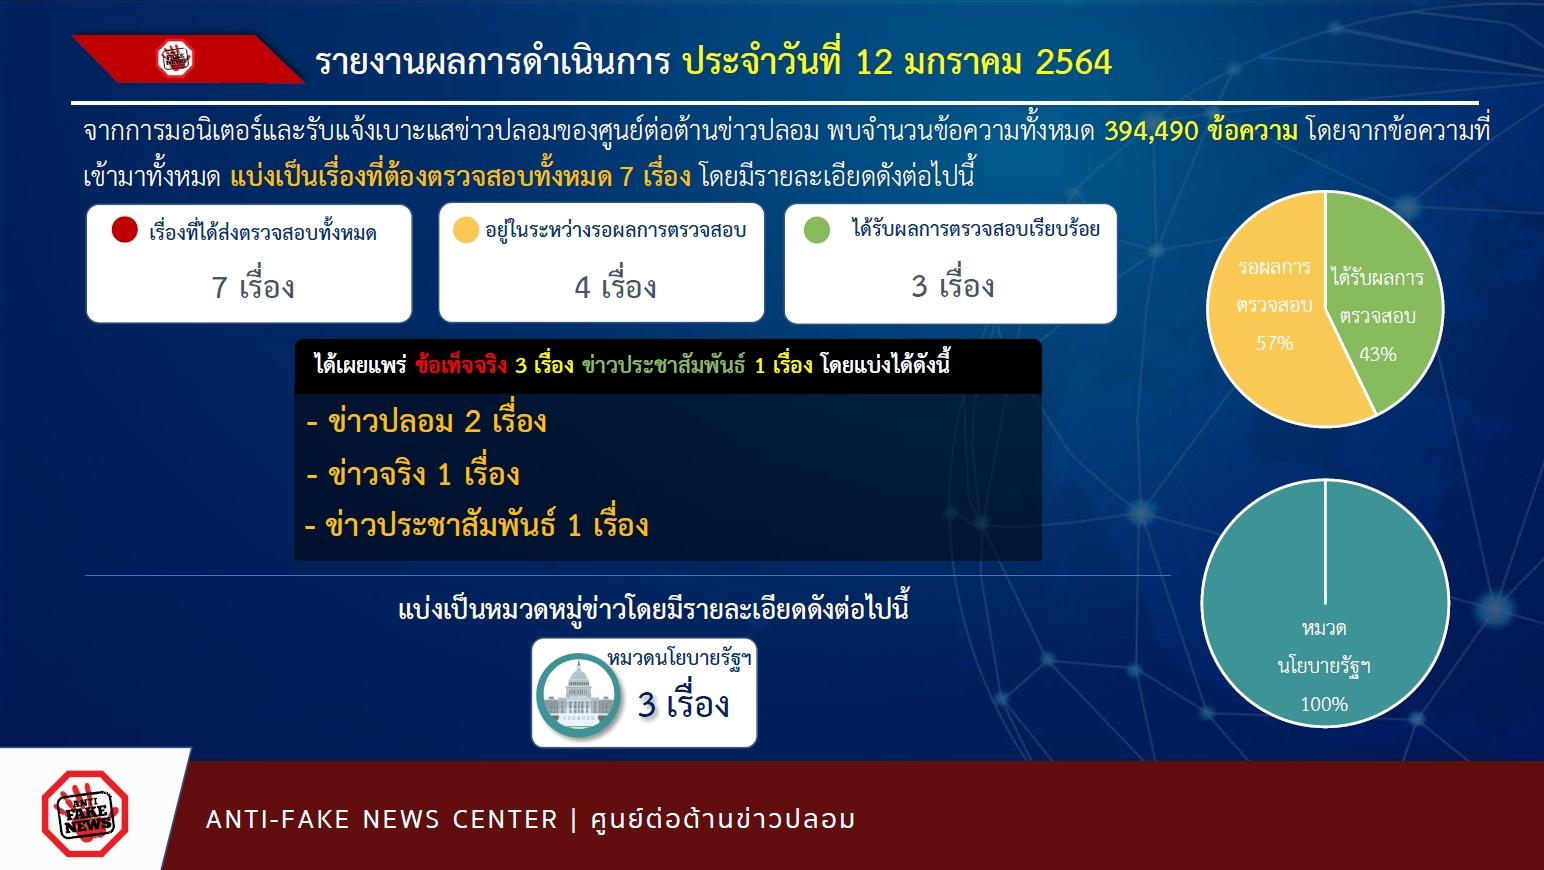 รายงานผลการดำเนินงาน ศูนย์ต่อต้าaนข่าวปลอม ประเทศไทย ANTI - FAKE NEWS CENTER ประจำวันที่ 12 มกราคม  2564